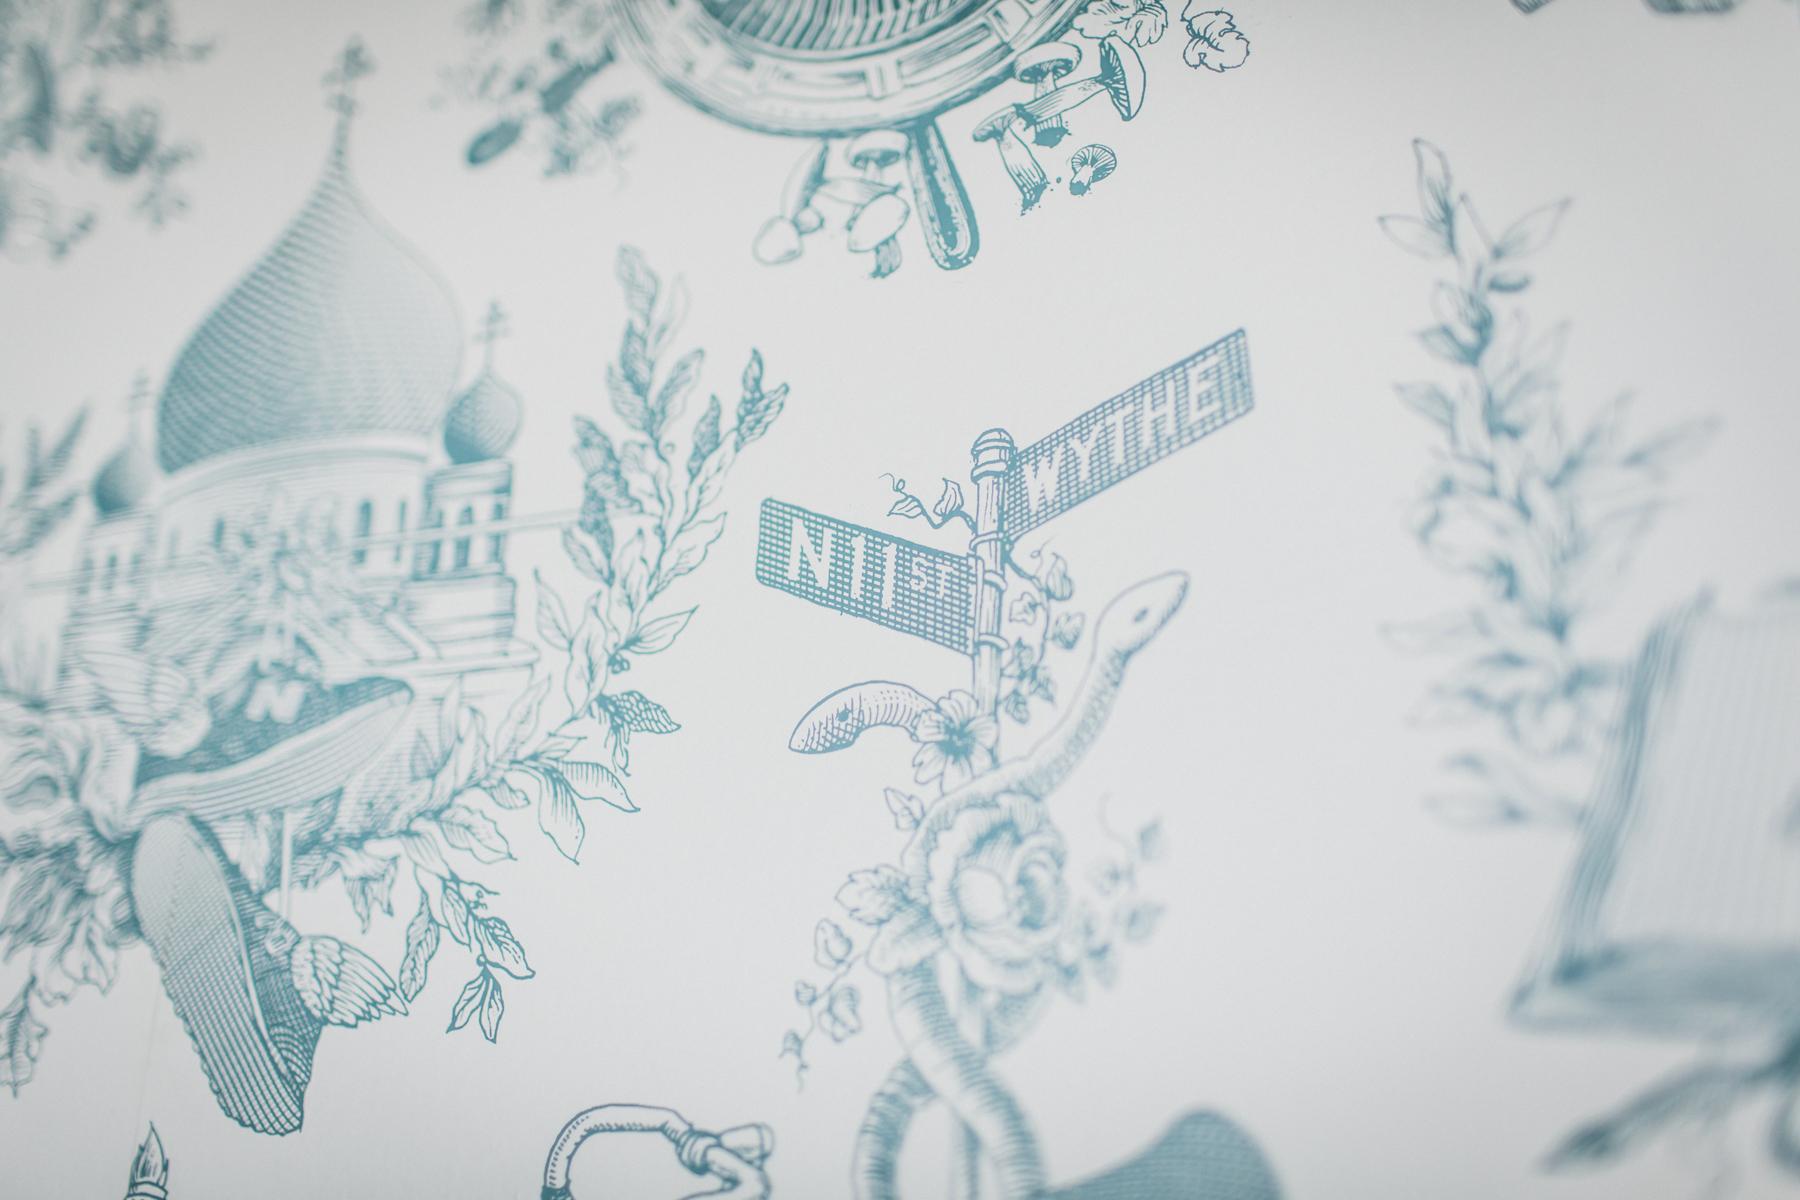 Wythe-Hotel-Green-Building-Brooklyn-Documentary-Wedding-Photography-17.jpg